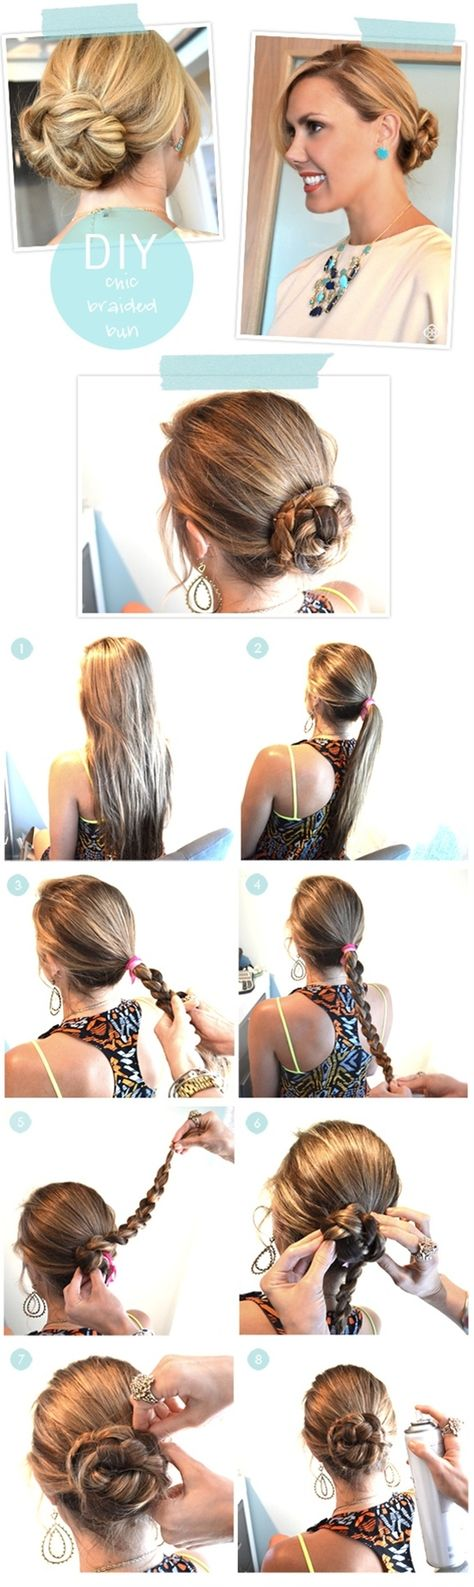 DIY Chic Braided Bun Hair Tutorial